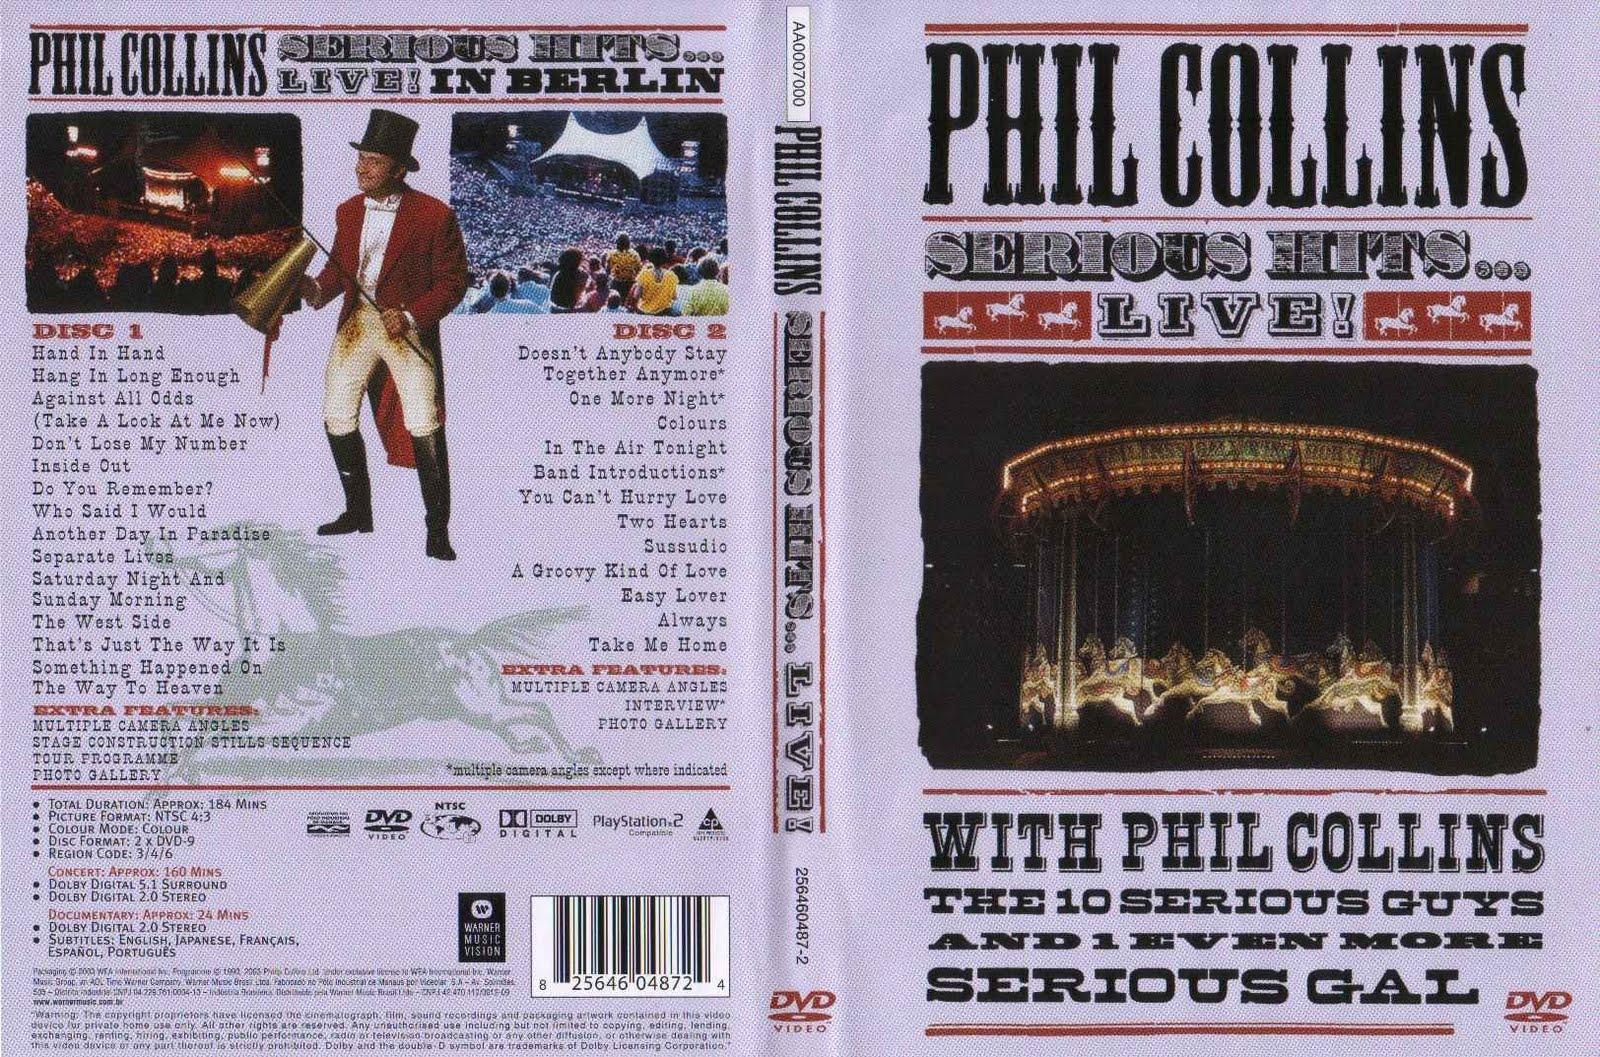 http://3.bp.blogspot.com/_3IcEW8a3cGA/TBT7yOGo7iI/AAAAAAAAFQw/0SUQ1R76a0g/s1600/Phil_Collins_Serious_Hits_Live.jpg